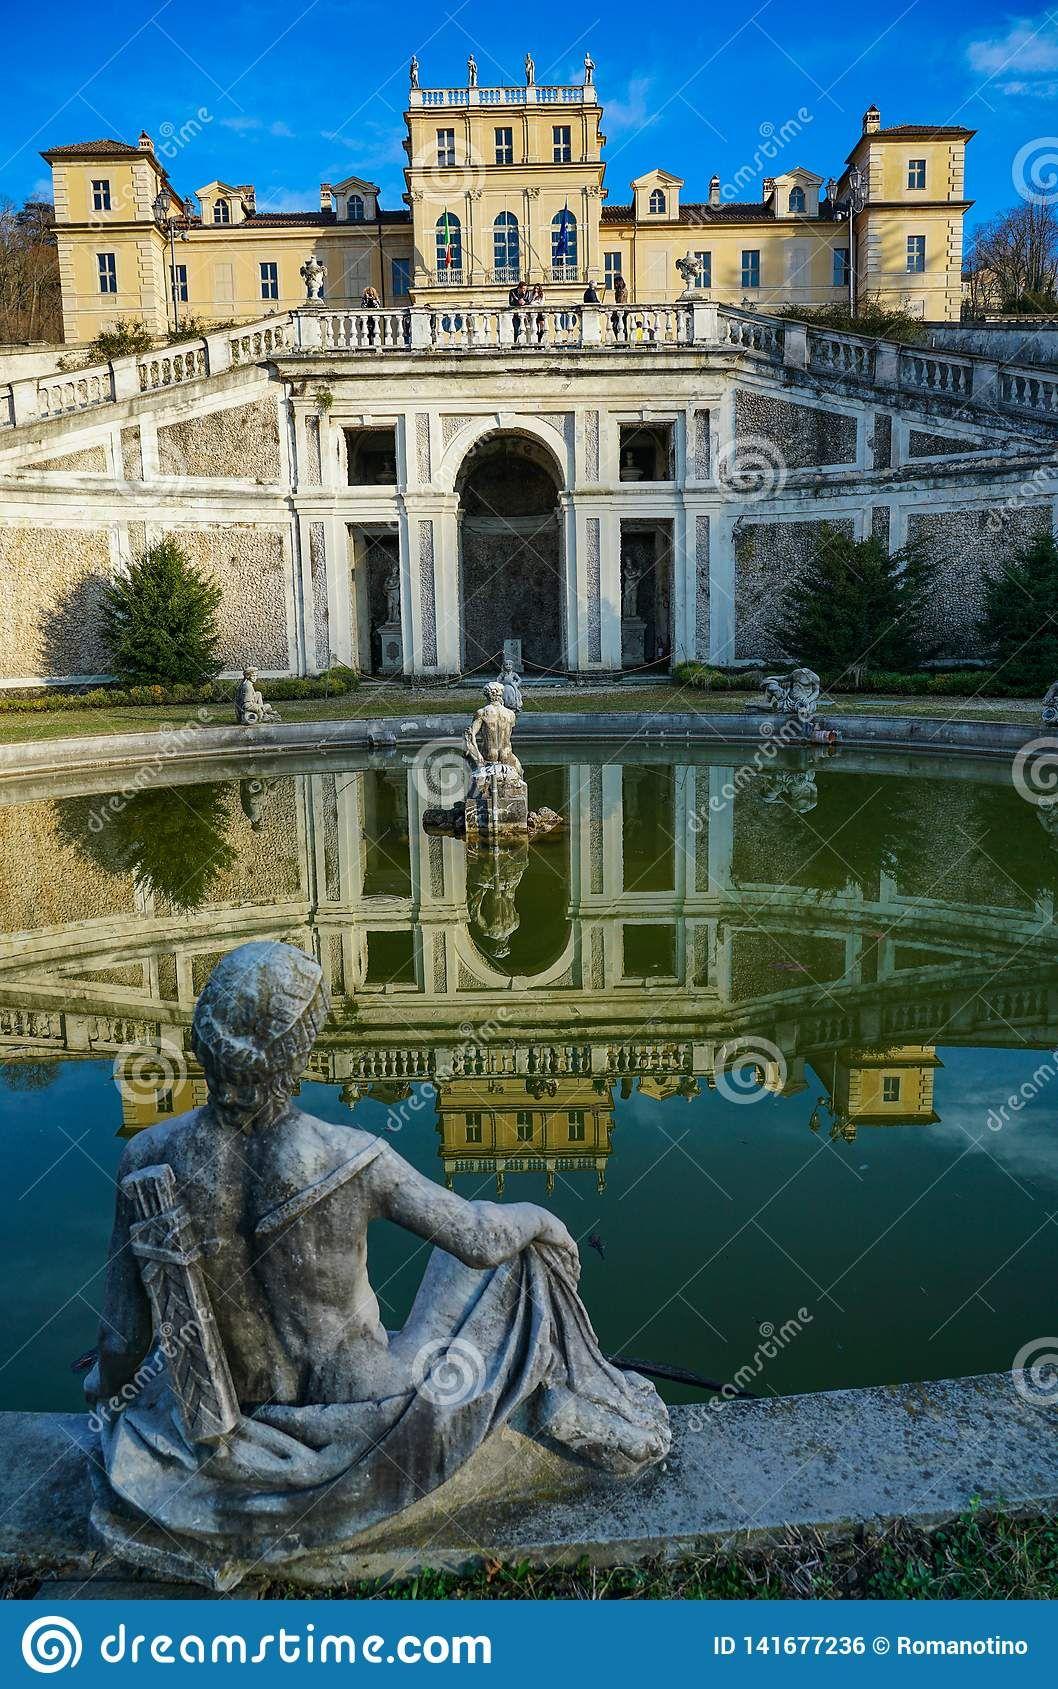 Turin, the majestic Villa della regina. Photo about